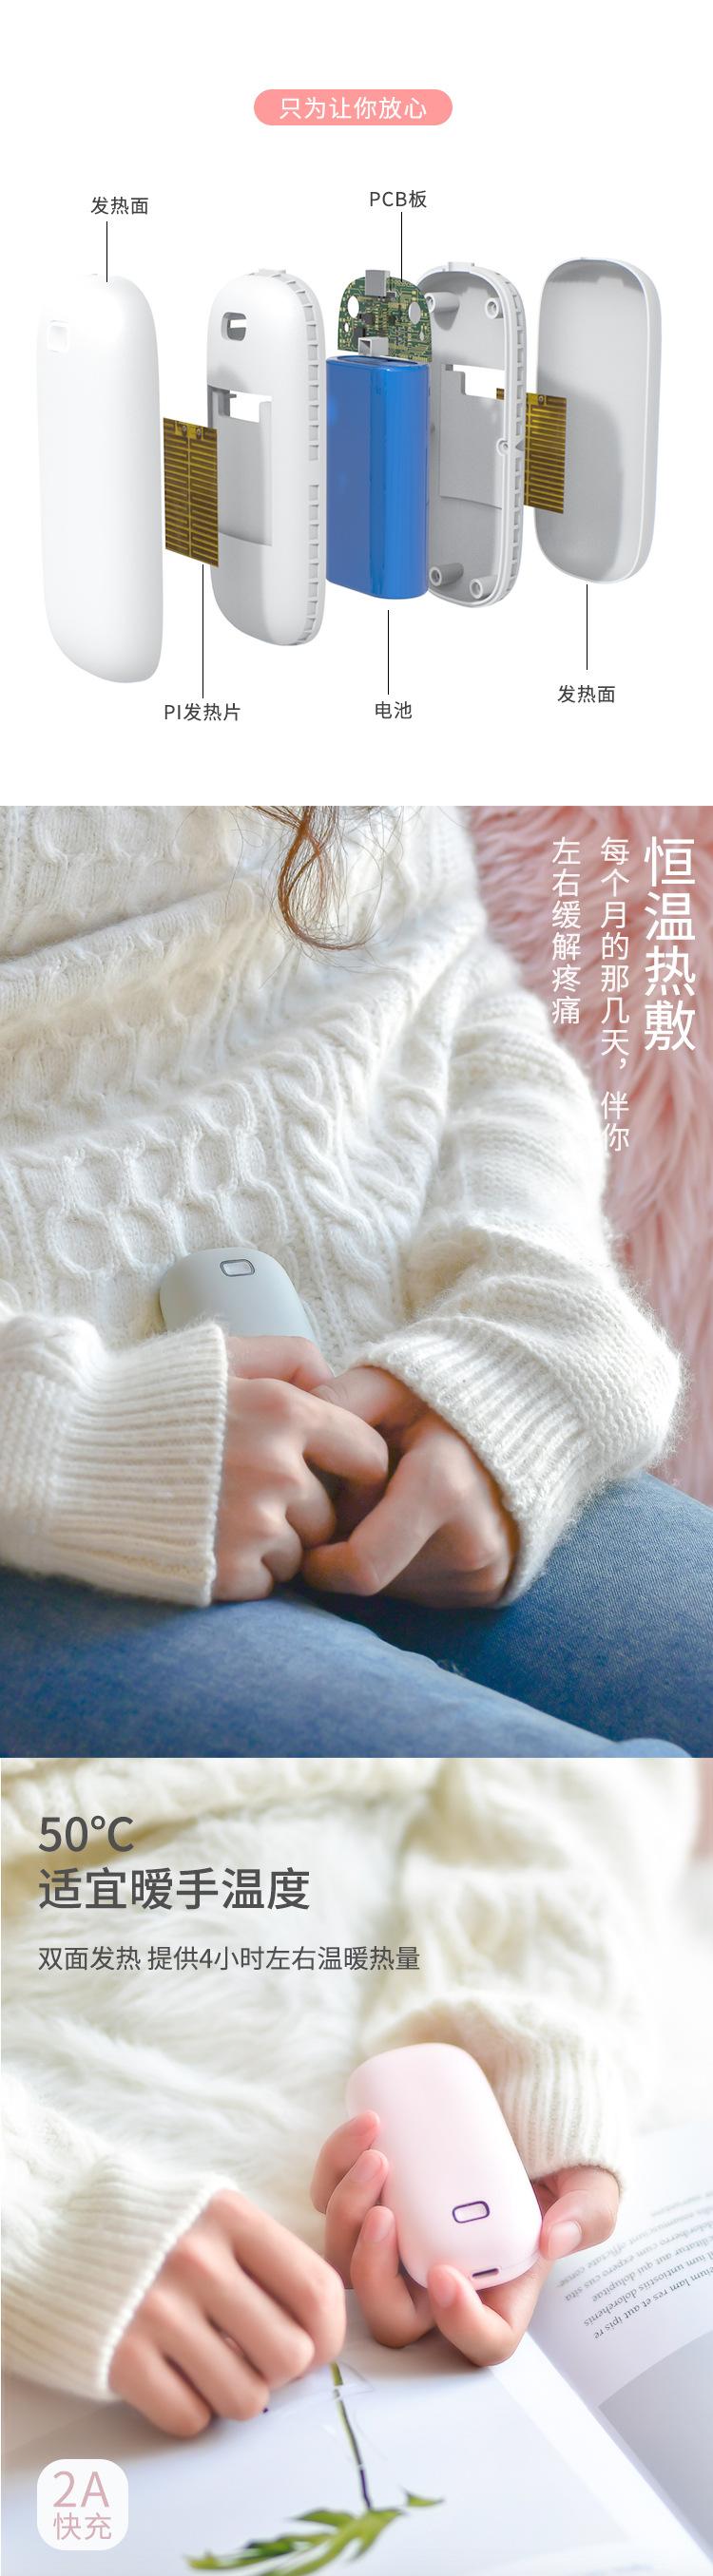 暖手宝_05.jpg